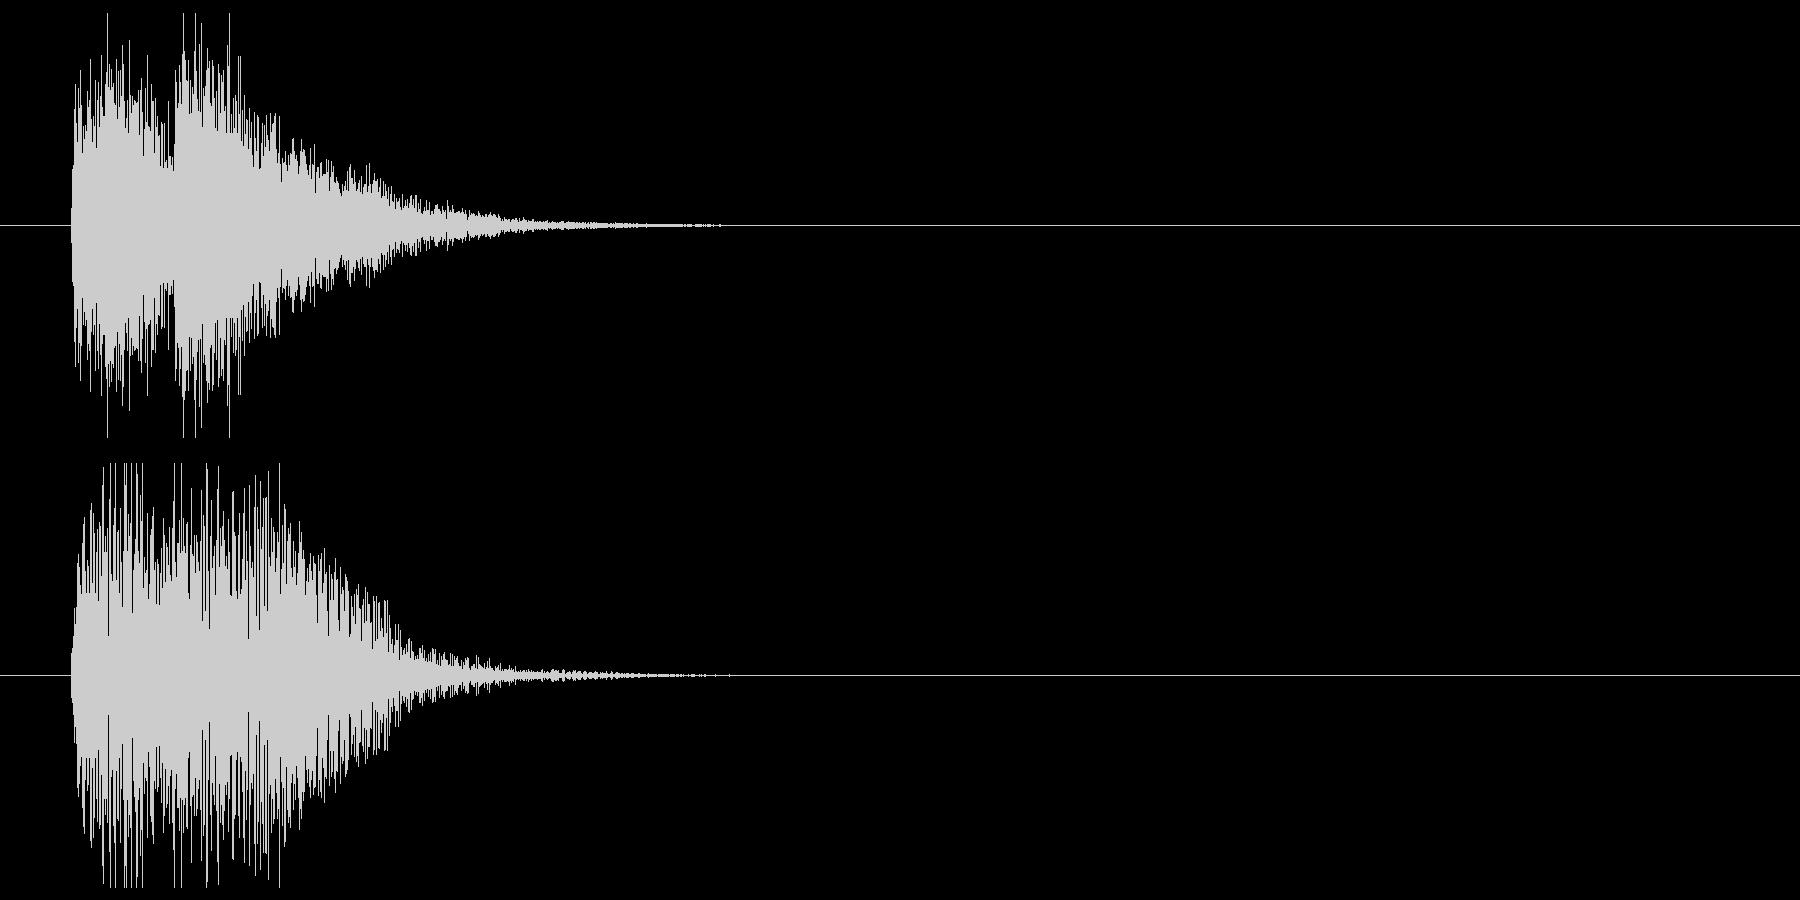 インパクトあるサスペンス風ジングルの未再生の波形